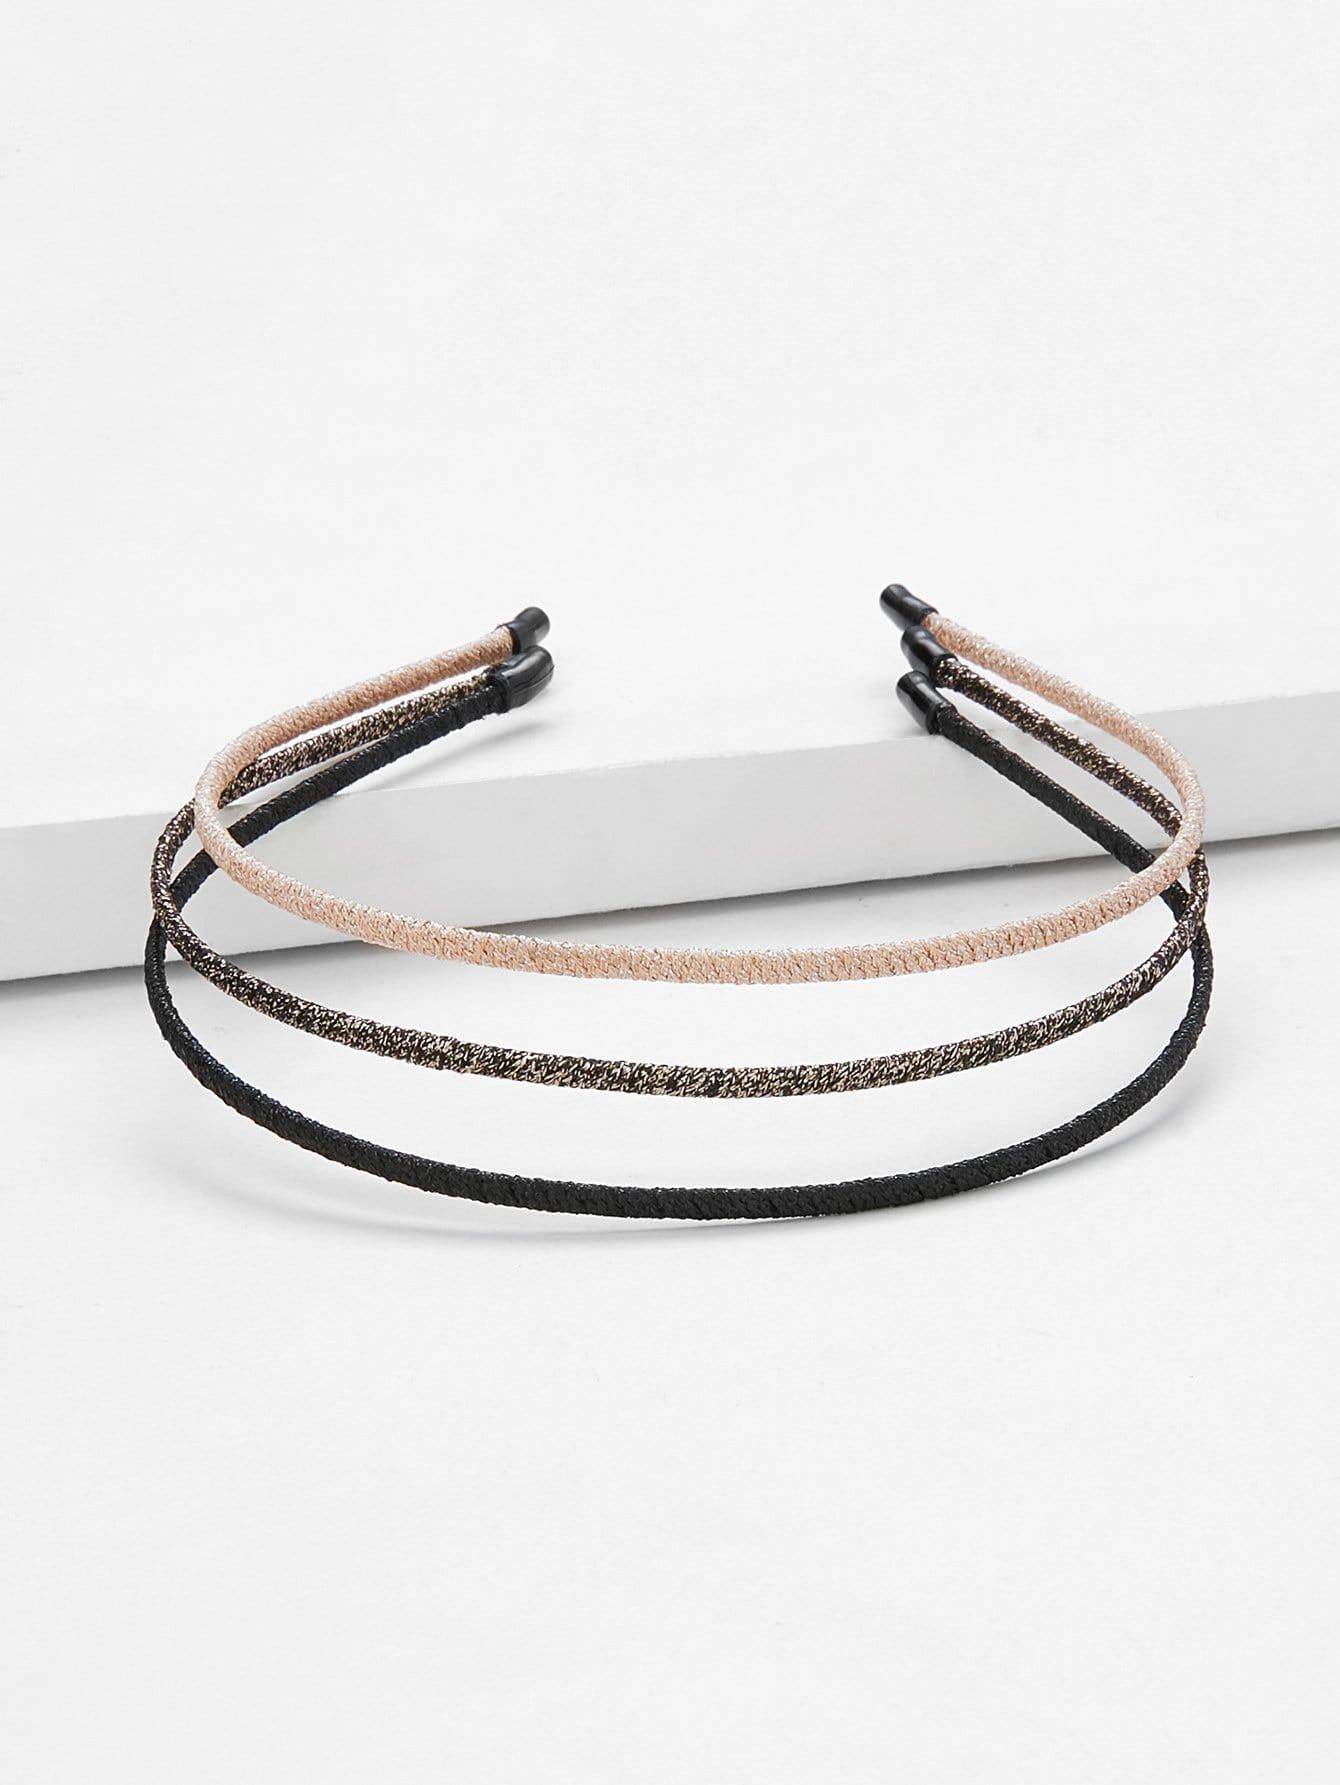 Skinny Headband 3pcs plain headband 3pcs